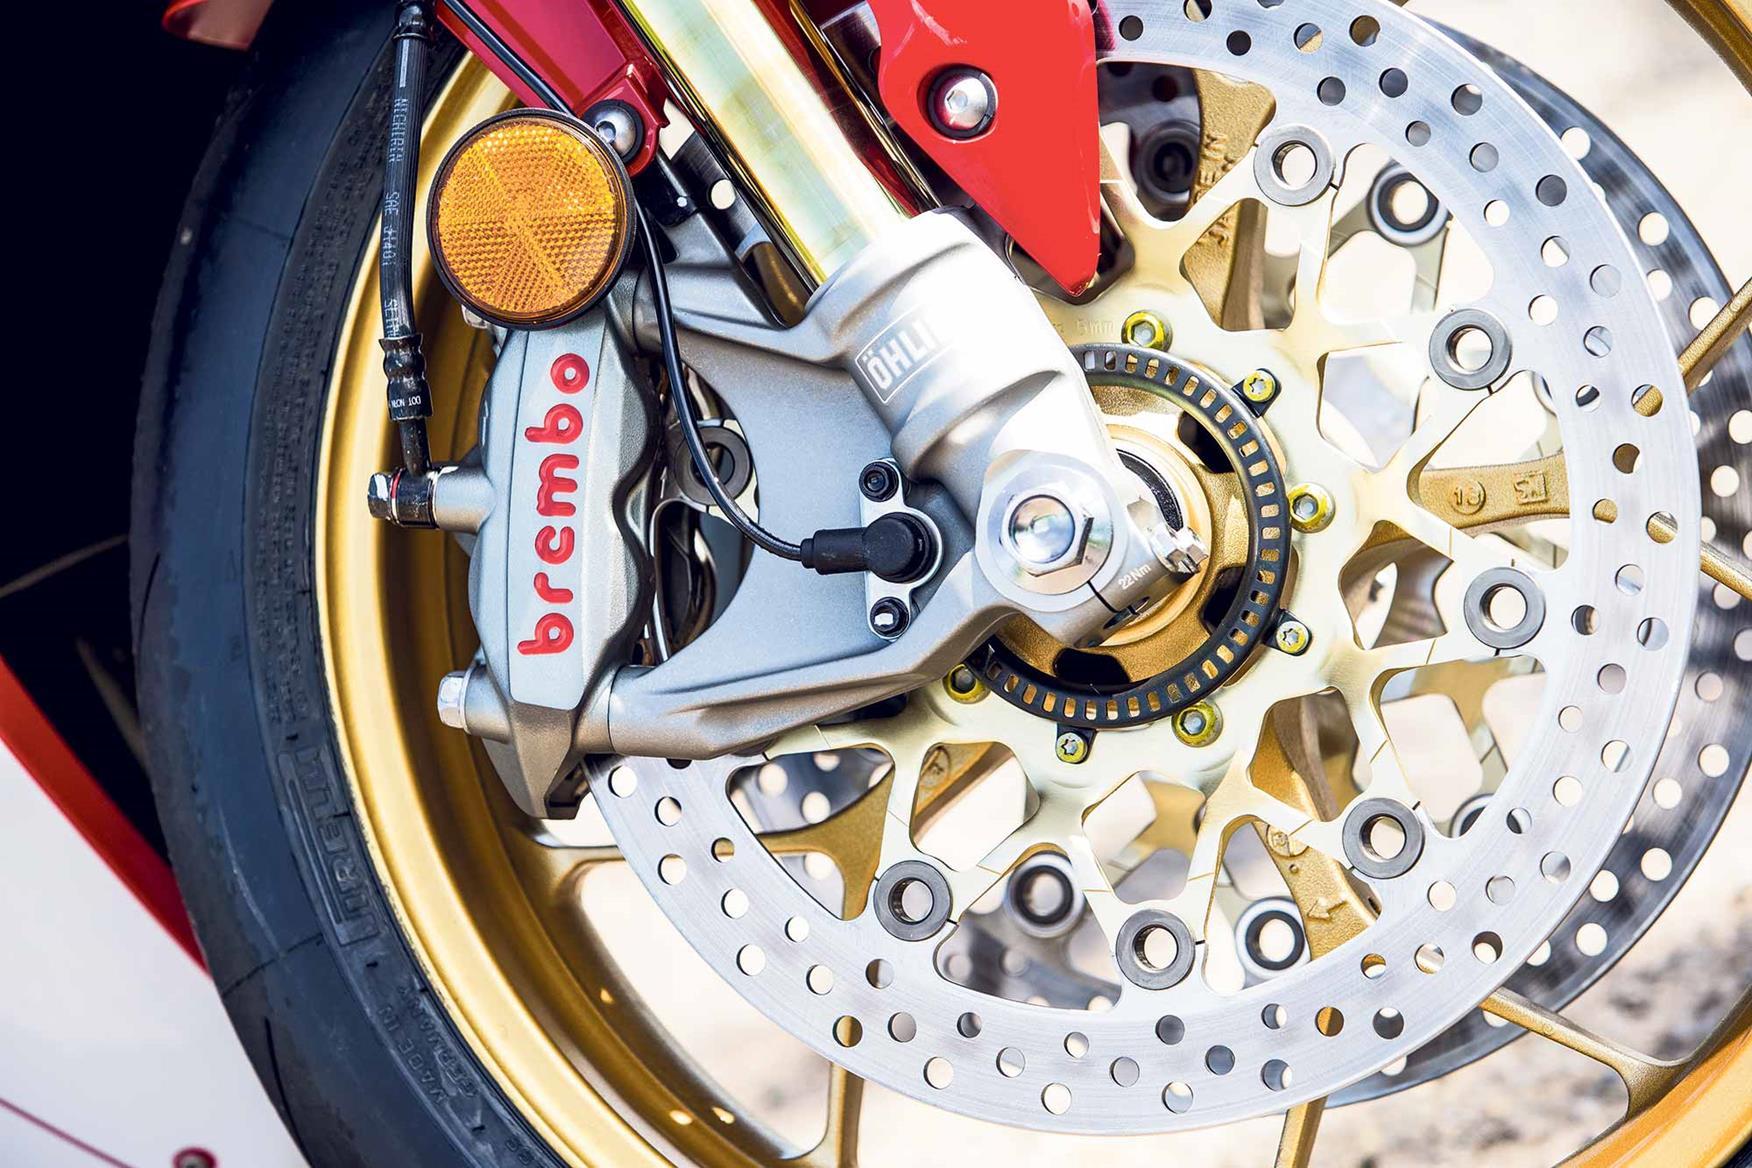 The Honda Fireblade SP front brakes